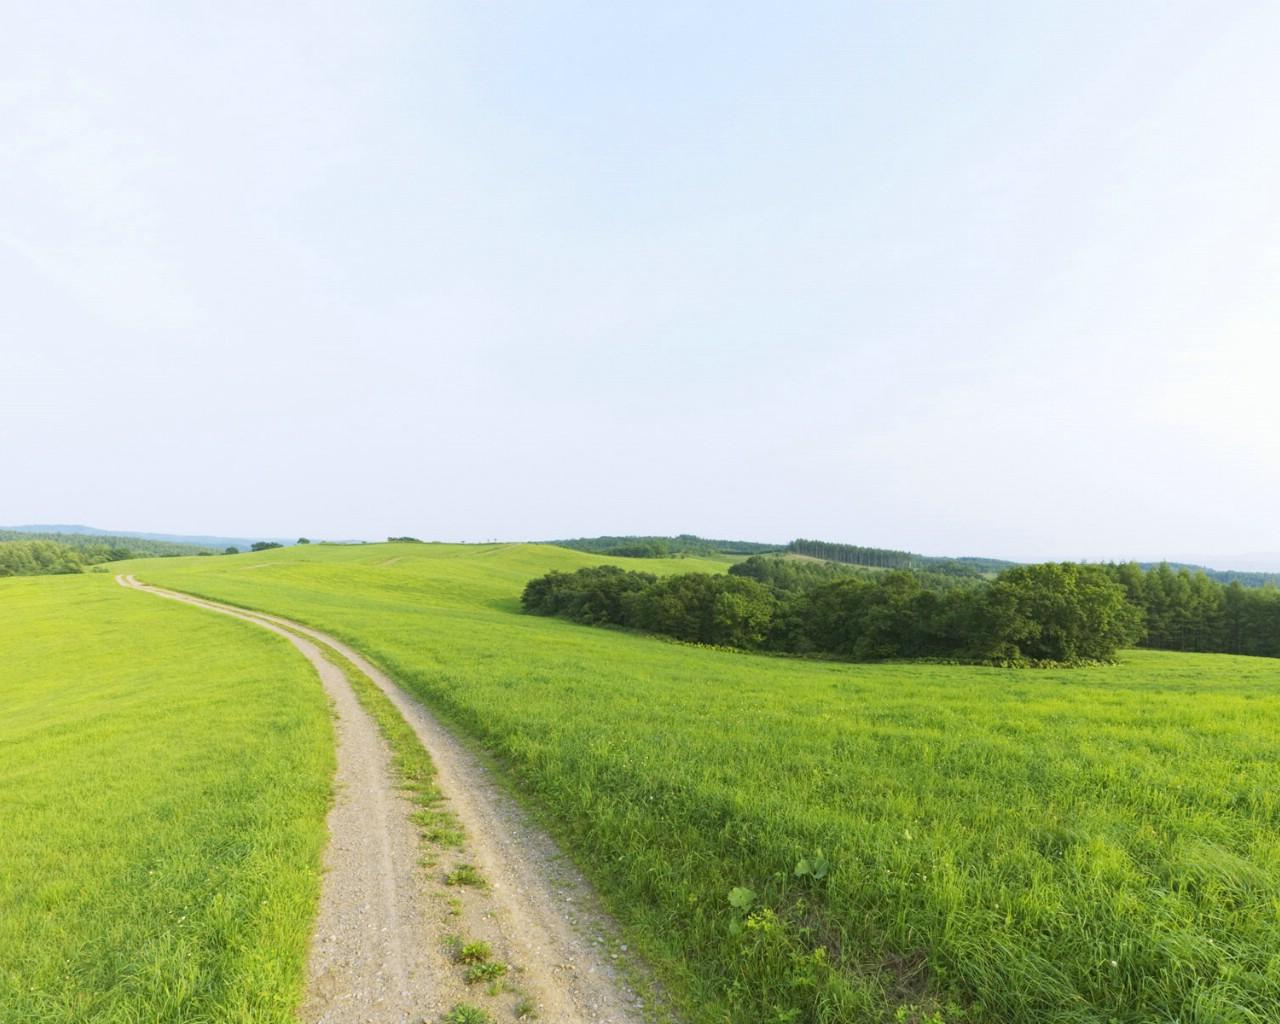 绿色风景桌面壁纸 - 青岛文化网